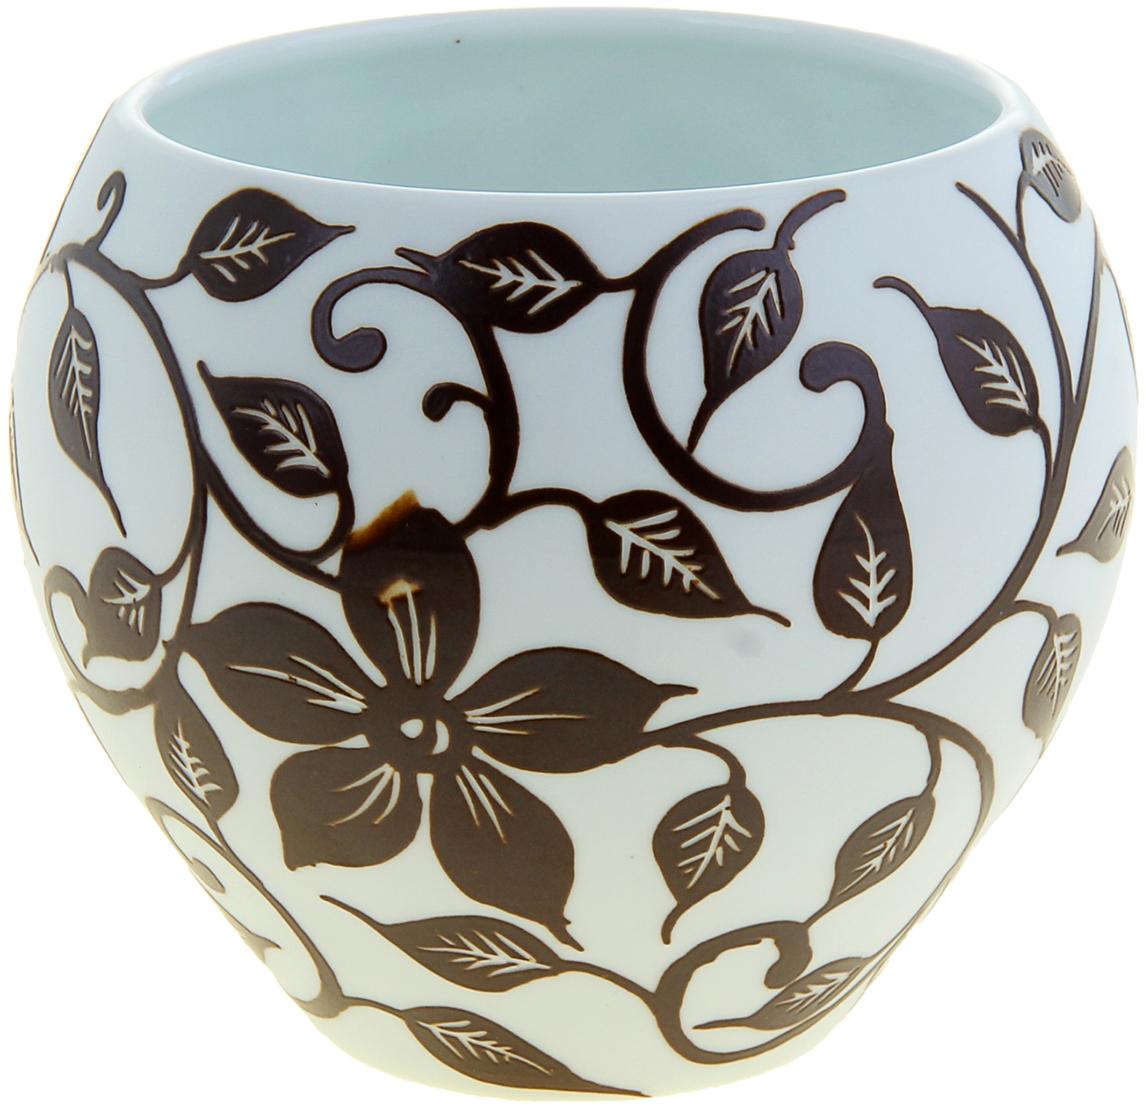 Ваза Узор Флора, цвет: коричневый, 11,5 см. 10446471044647Вьетнамские мастера создали прекрасную вазу с узором Флора из высокопрочной керамики. Искусные ремесленники самостоятельно заготавливали смесь, форму, сушили, обжигали, а затем расписывали её особым «природным ажуром». Ваза Узор Флора шоколад - истинное произведение искусства, которое достойно даже самого трепетного ценителя керамического искусства. Представьте, как изысканно эта красавица будет смотреться в интерьере любой комнаты, привлекая взгляды и улыбки восхищения. Преподнесите её даме на 8 Марта, День рождения или любой другой праздник.